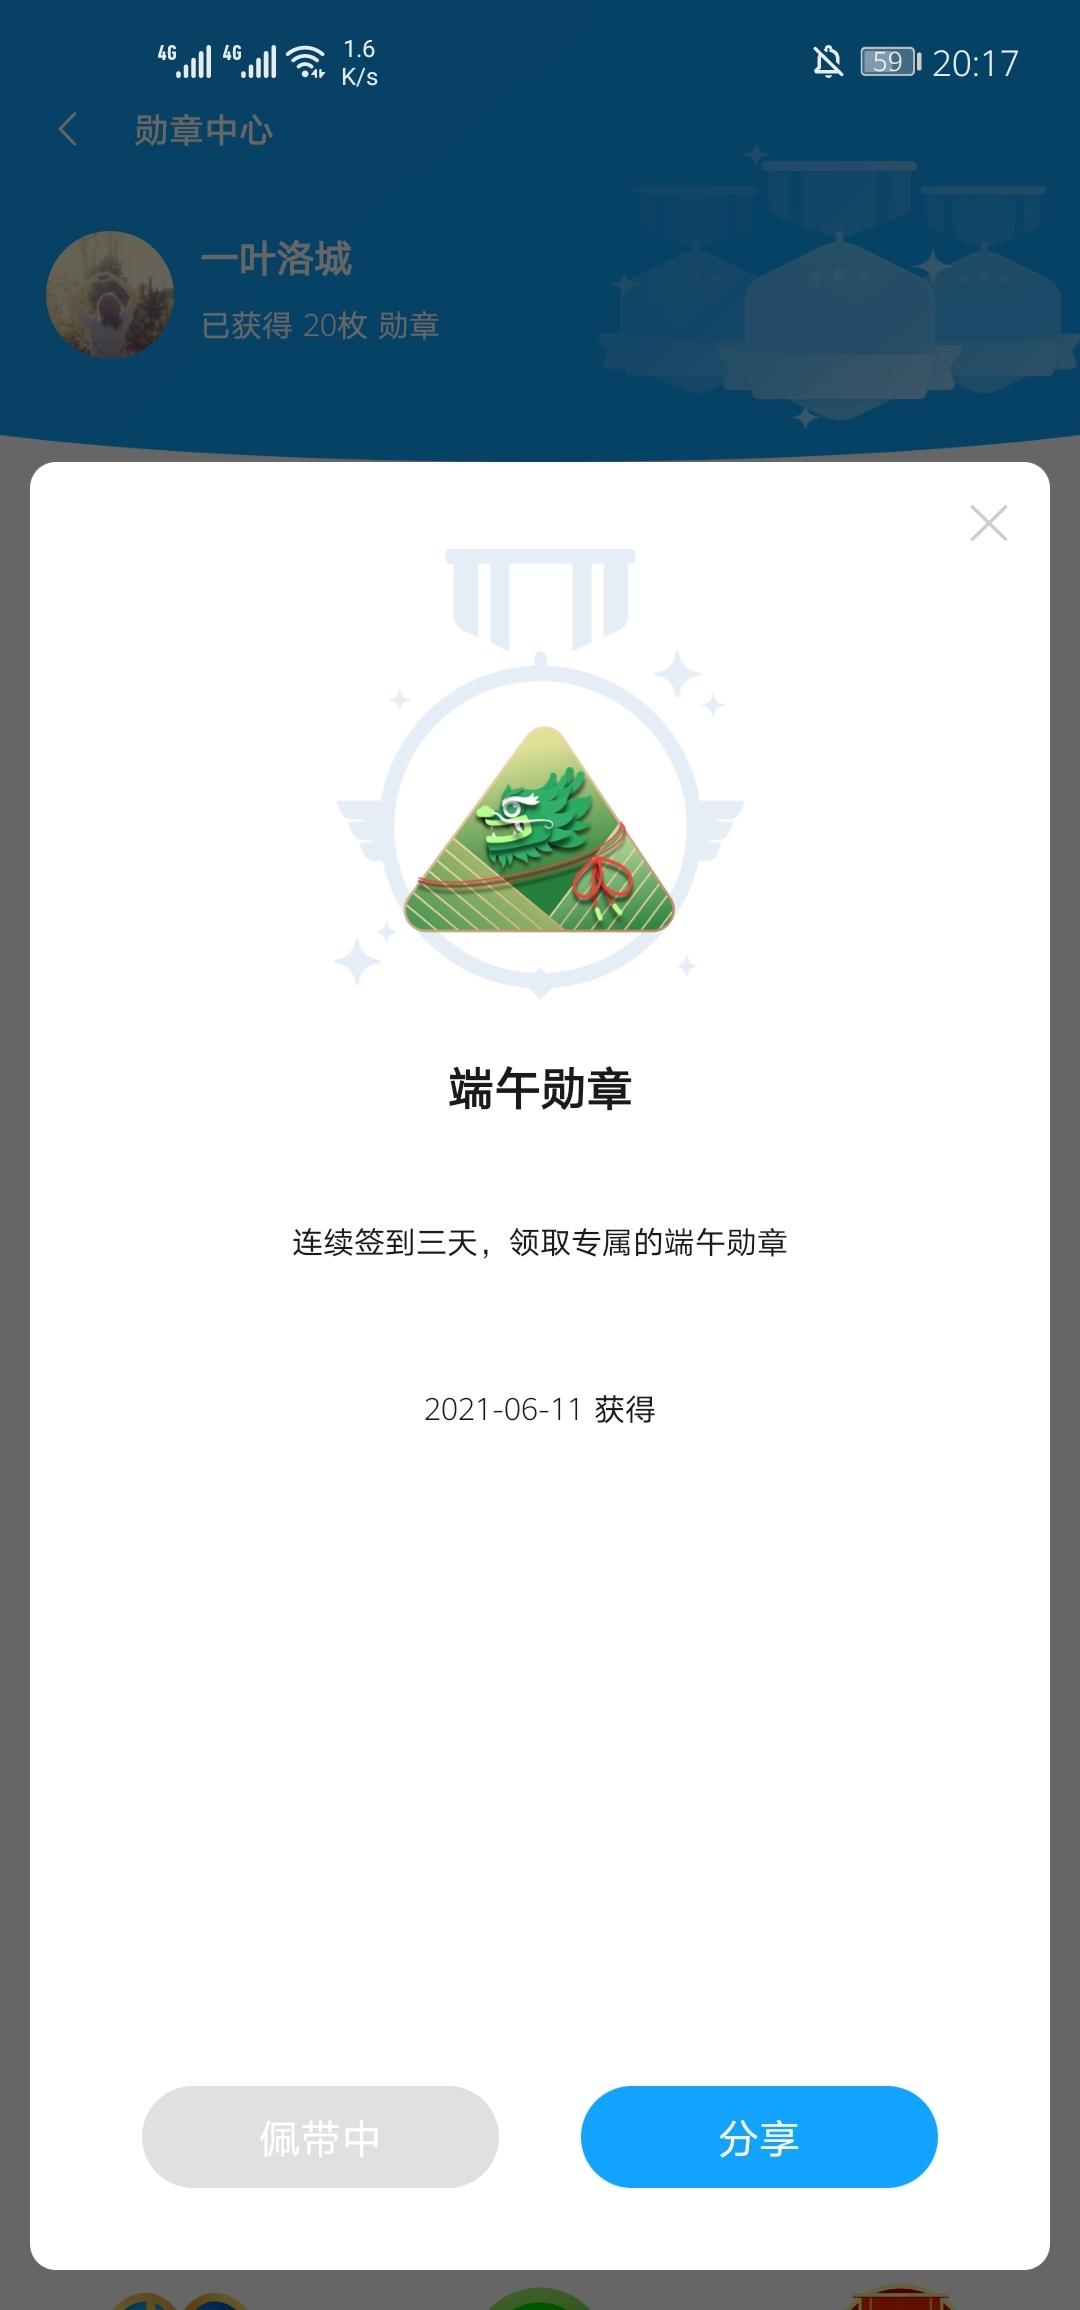 Screenshot_20210611_201720_com.huawei.fans.jpg